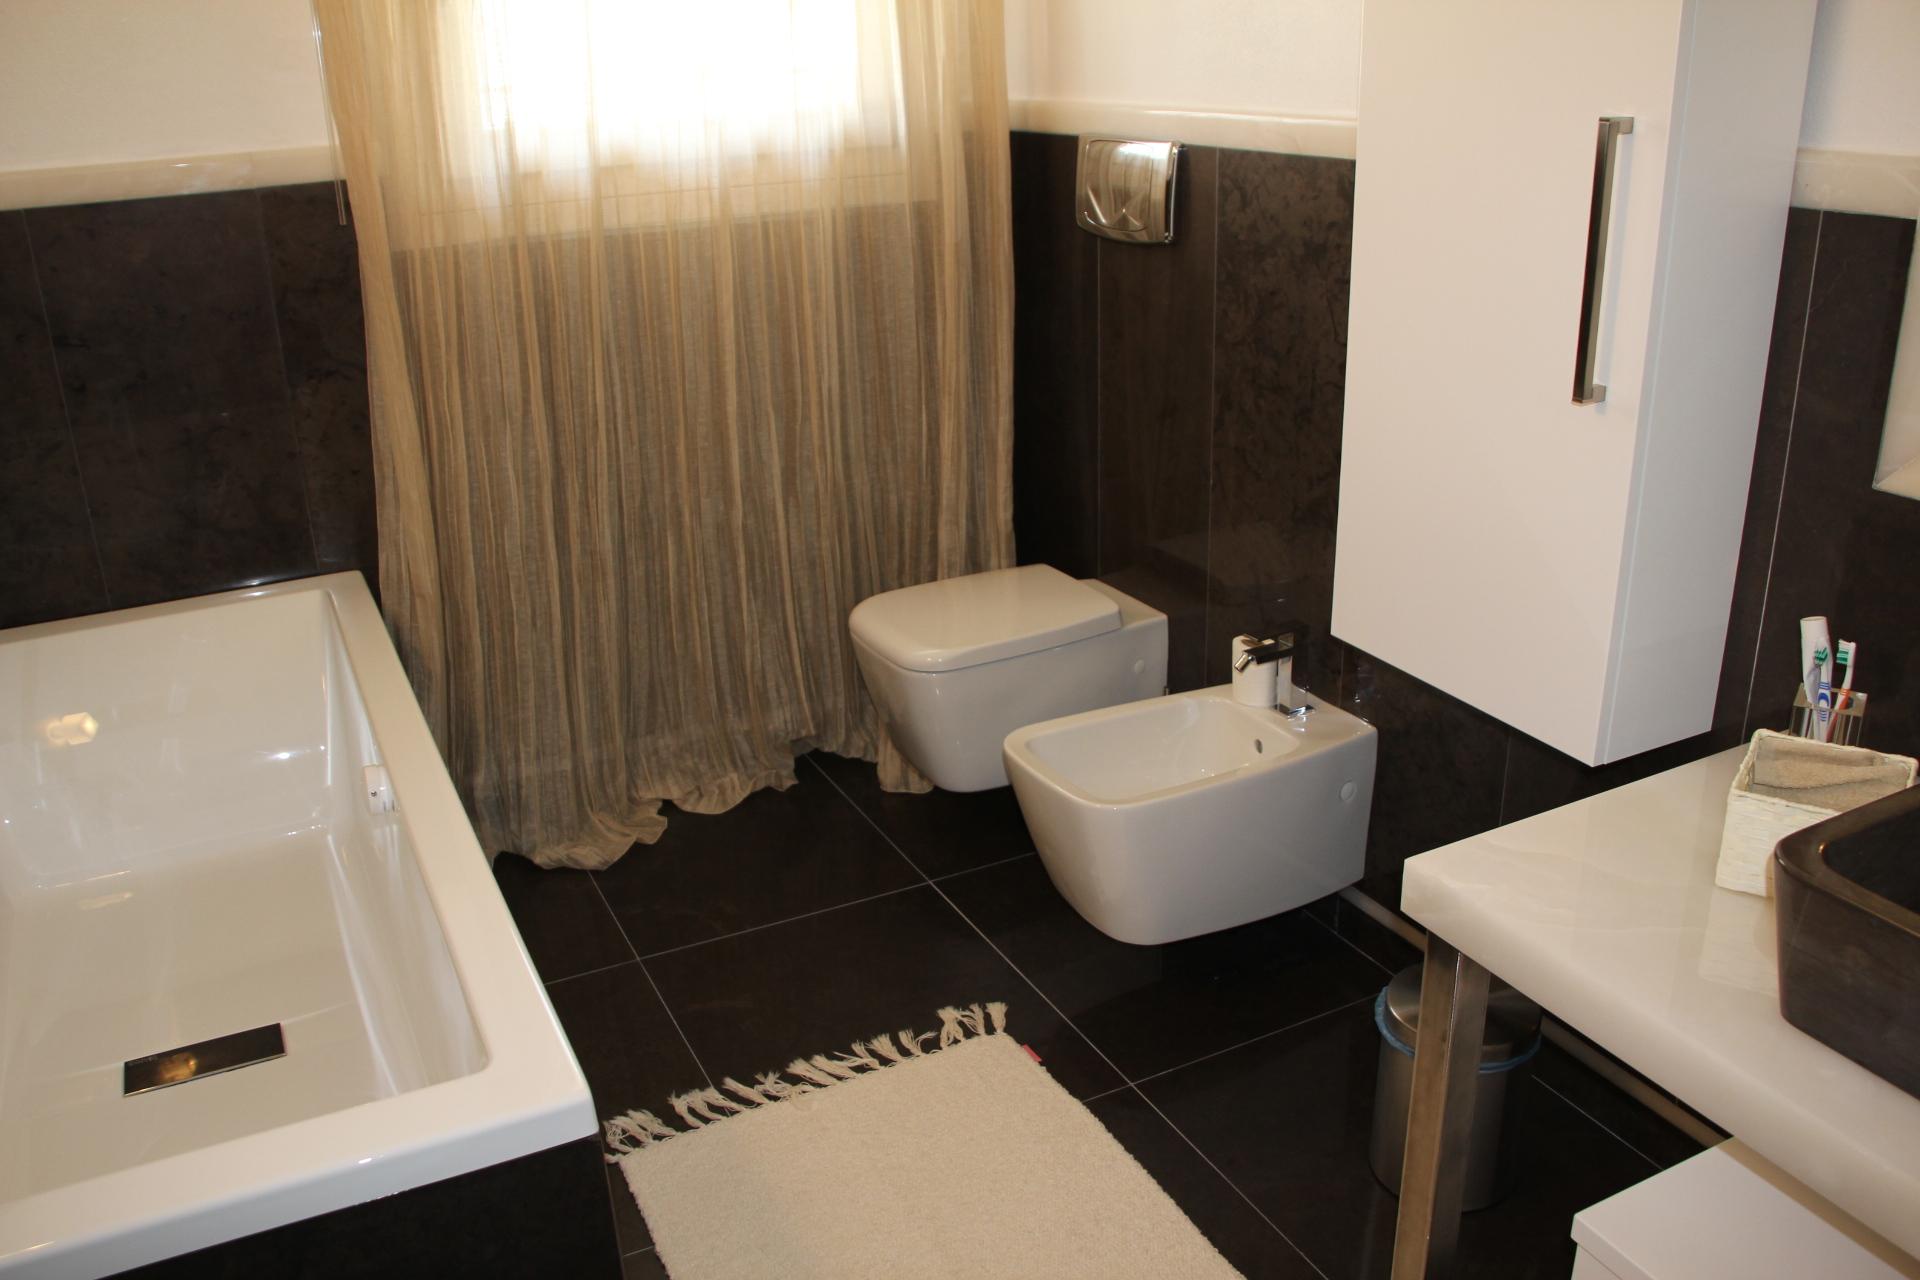 immagini di meravigliosi bagni venduti dalla zem enrico marmi ... - Bagni Lussuosi Moderni